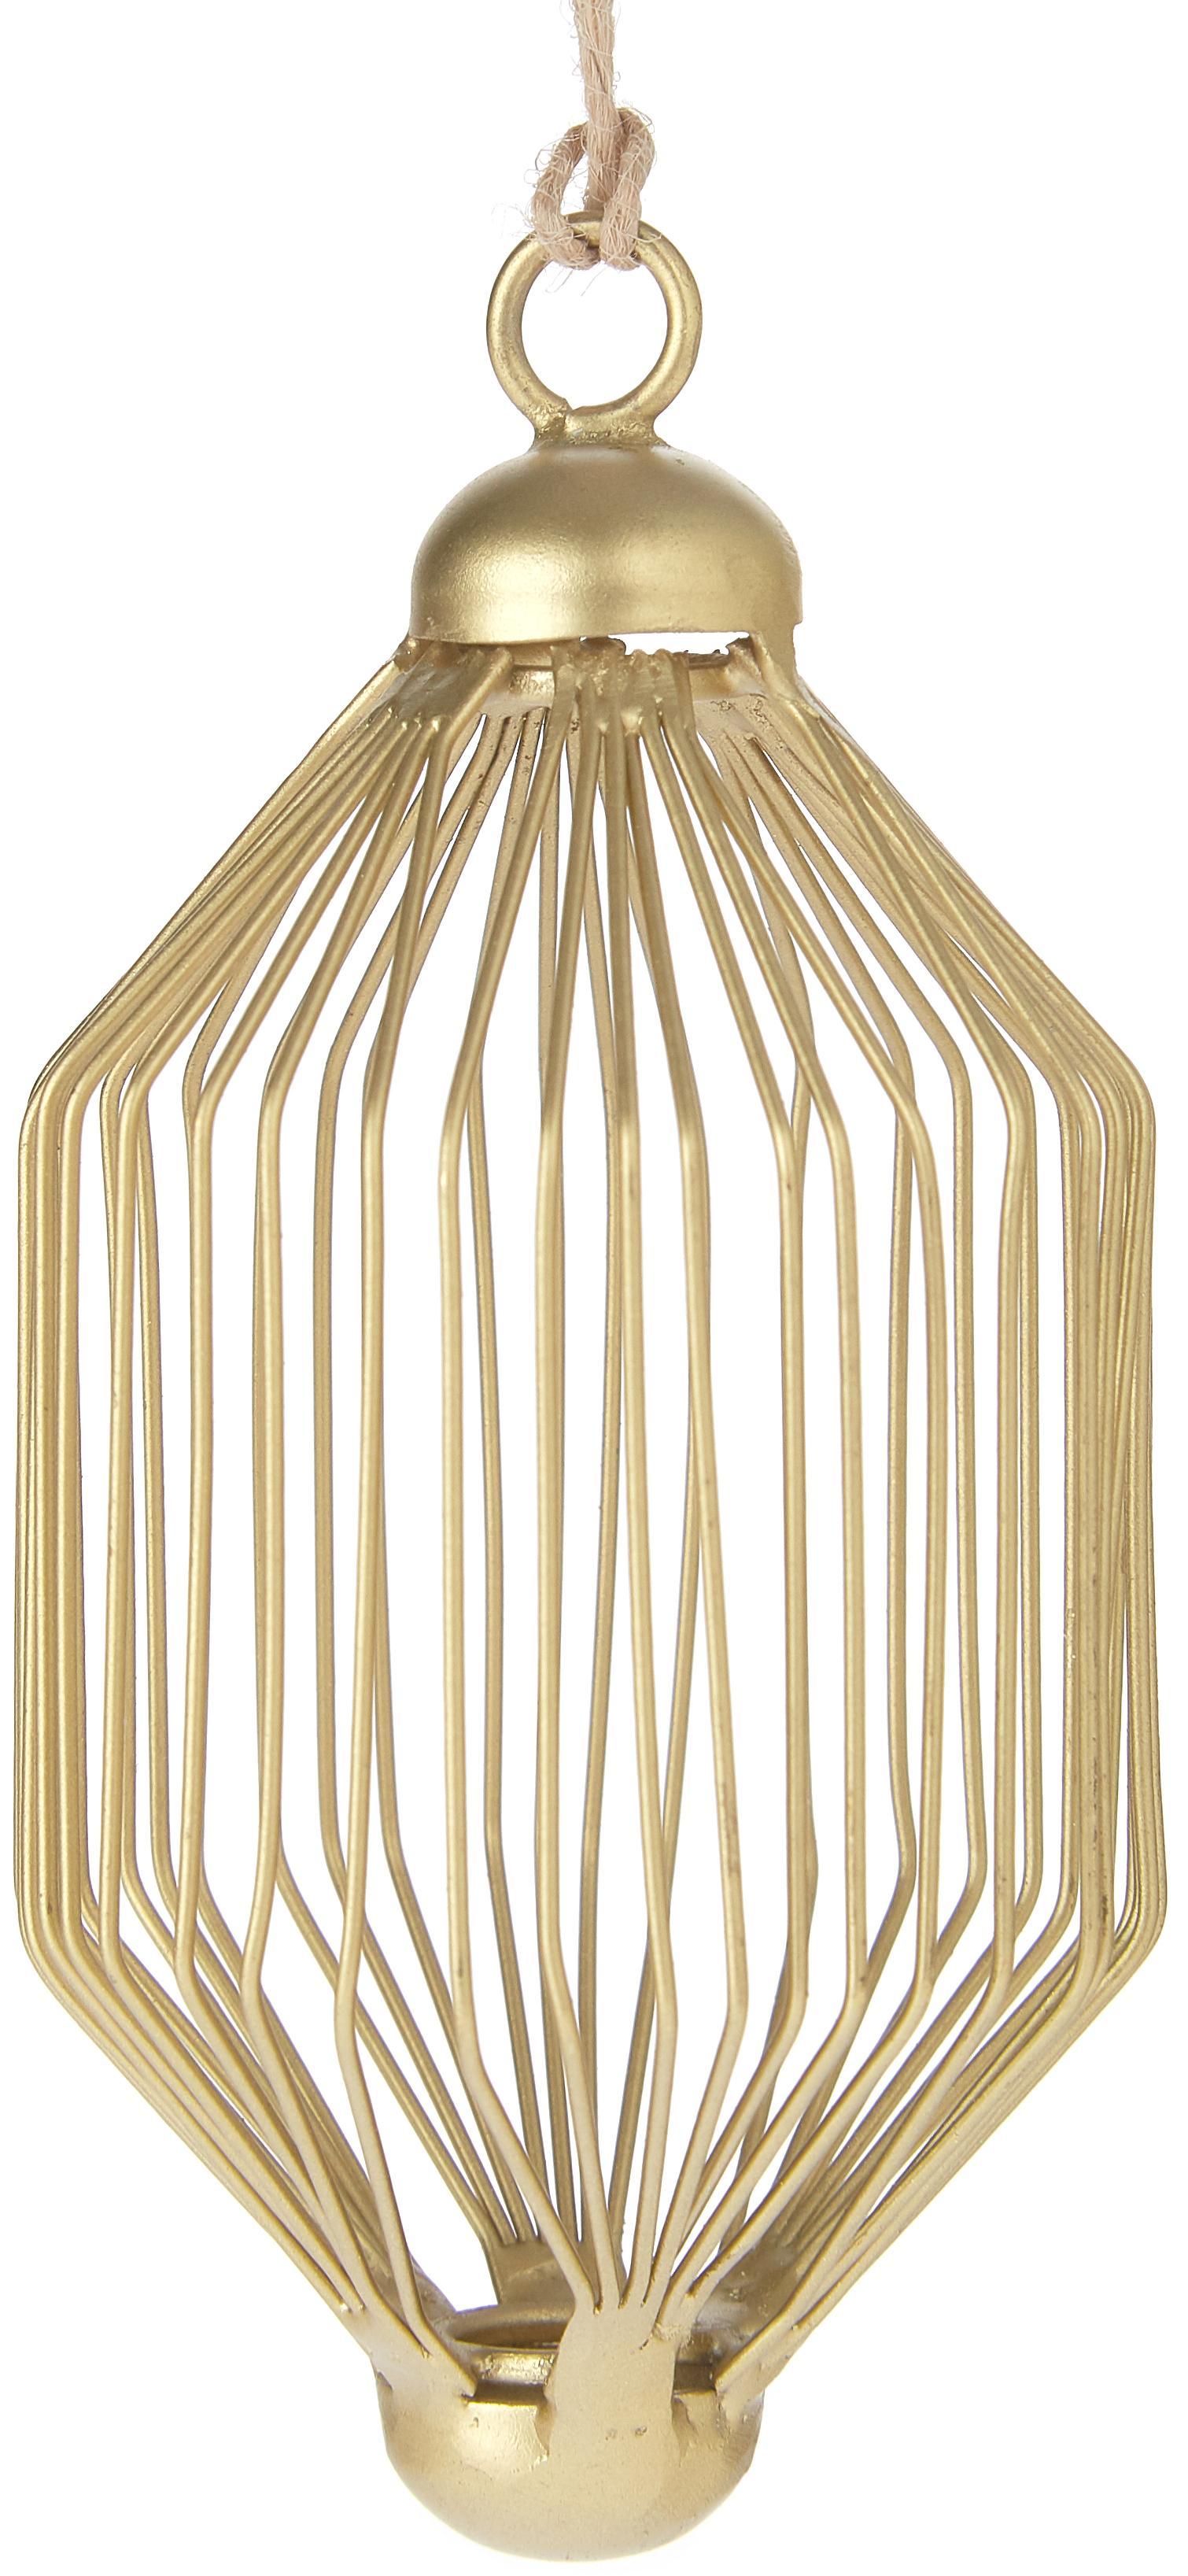 Baumanhänger Twine, 2 Stück, Metall, lackiert, Goldfarben, Ø 5 x H 10 cm